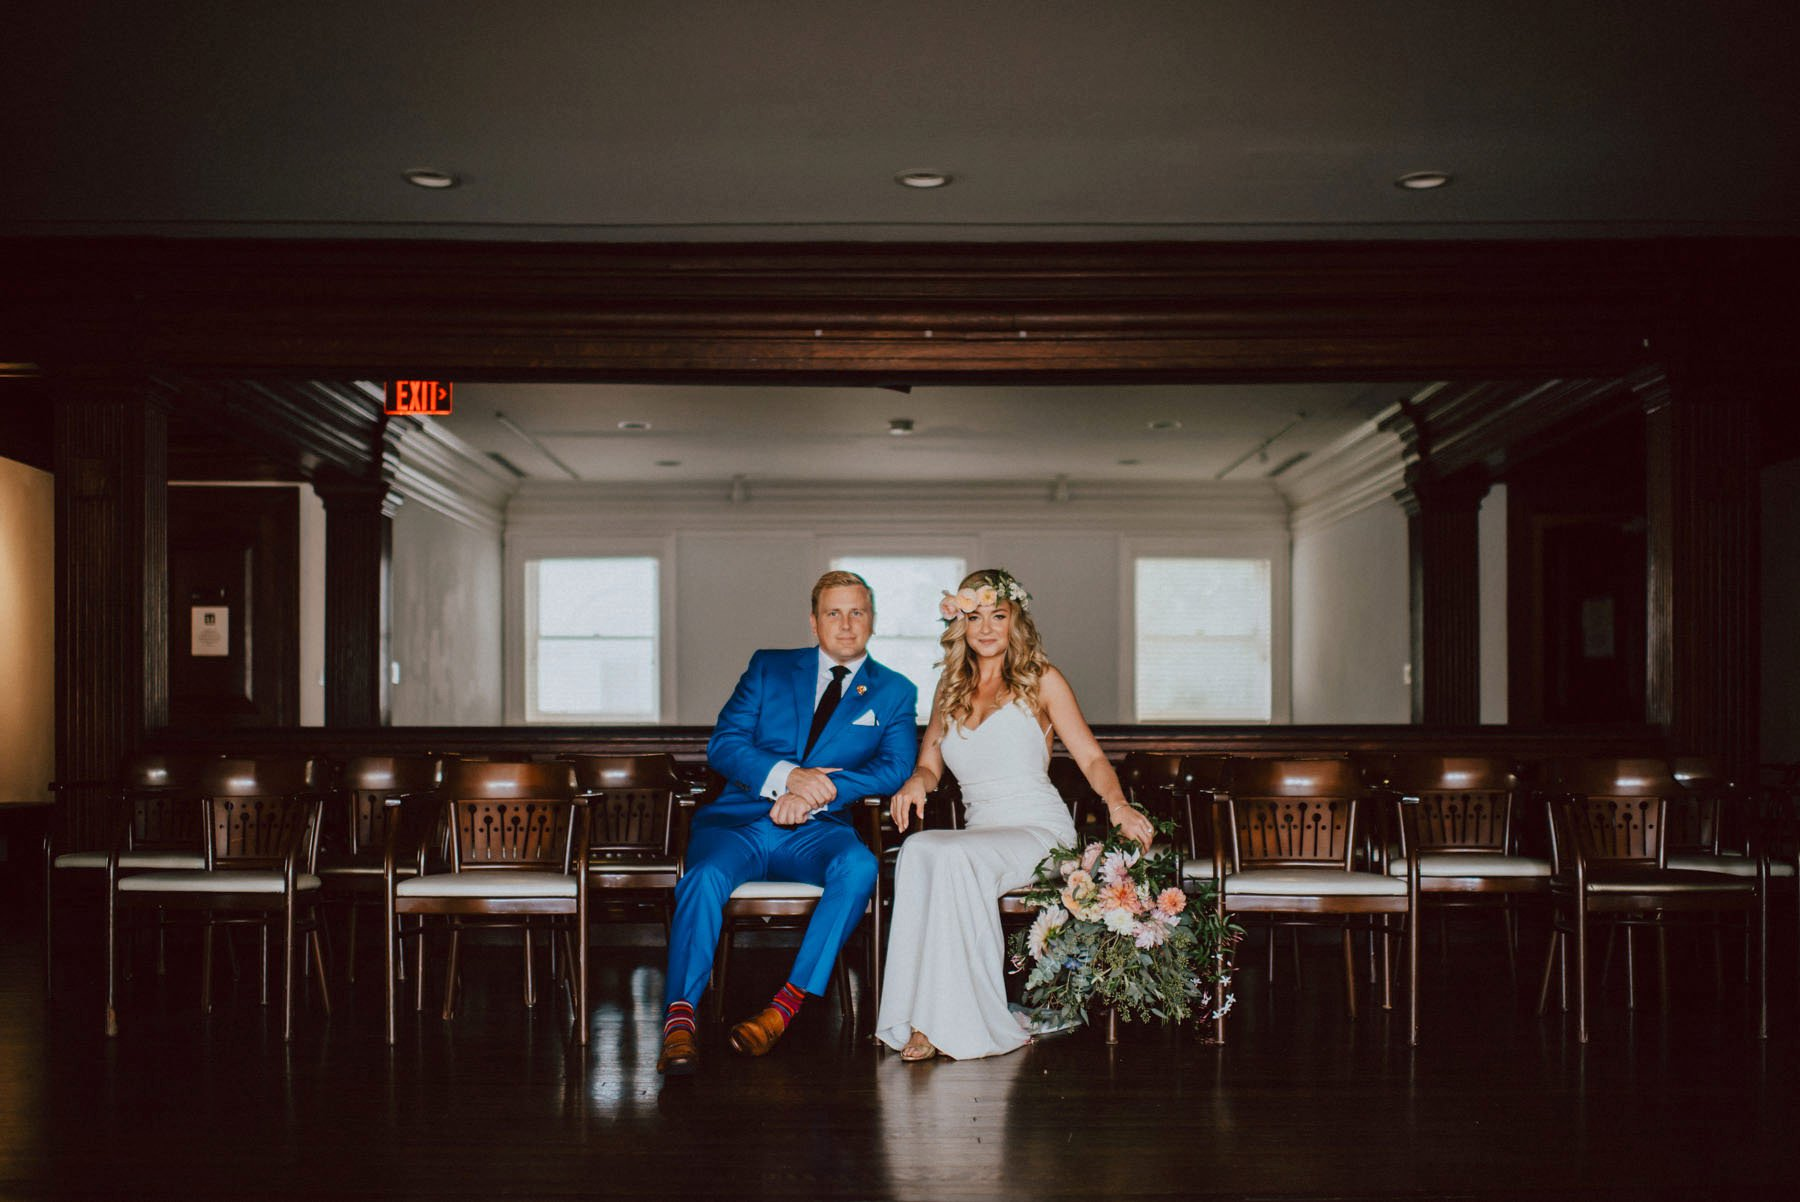 la-cheri-philadelphia-wedding-22.jpg